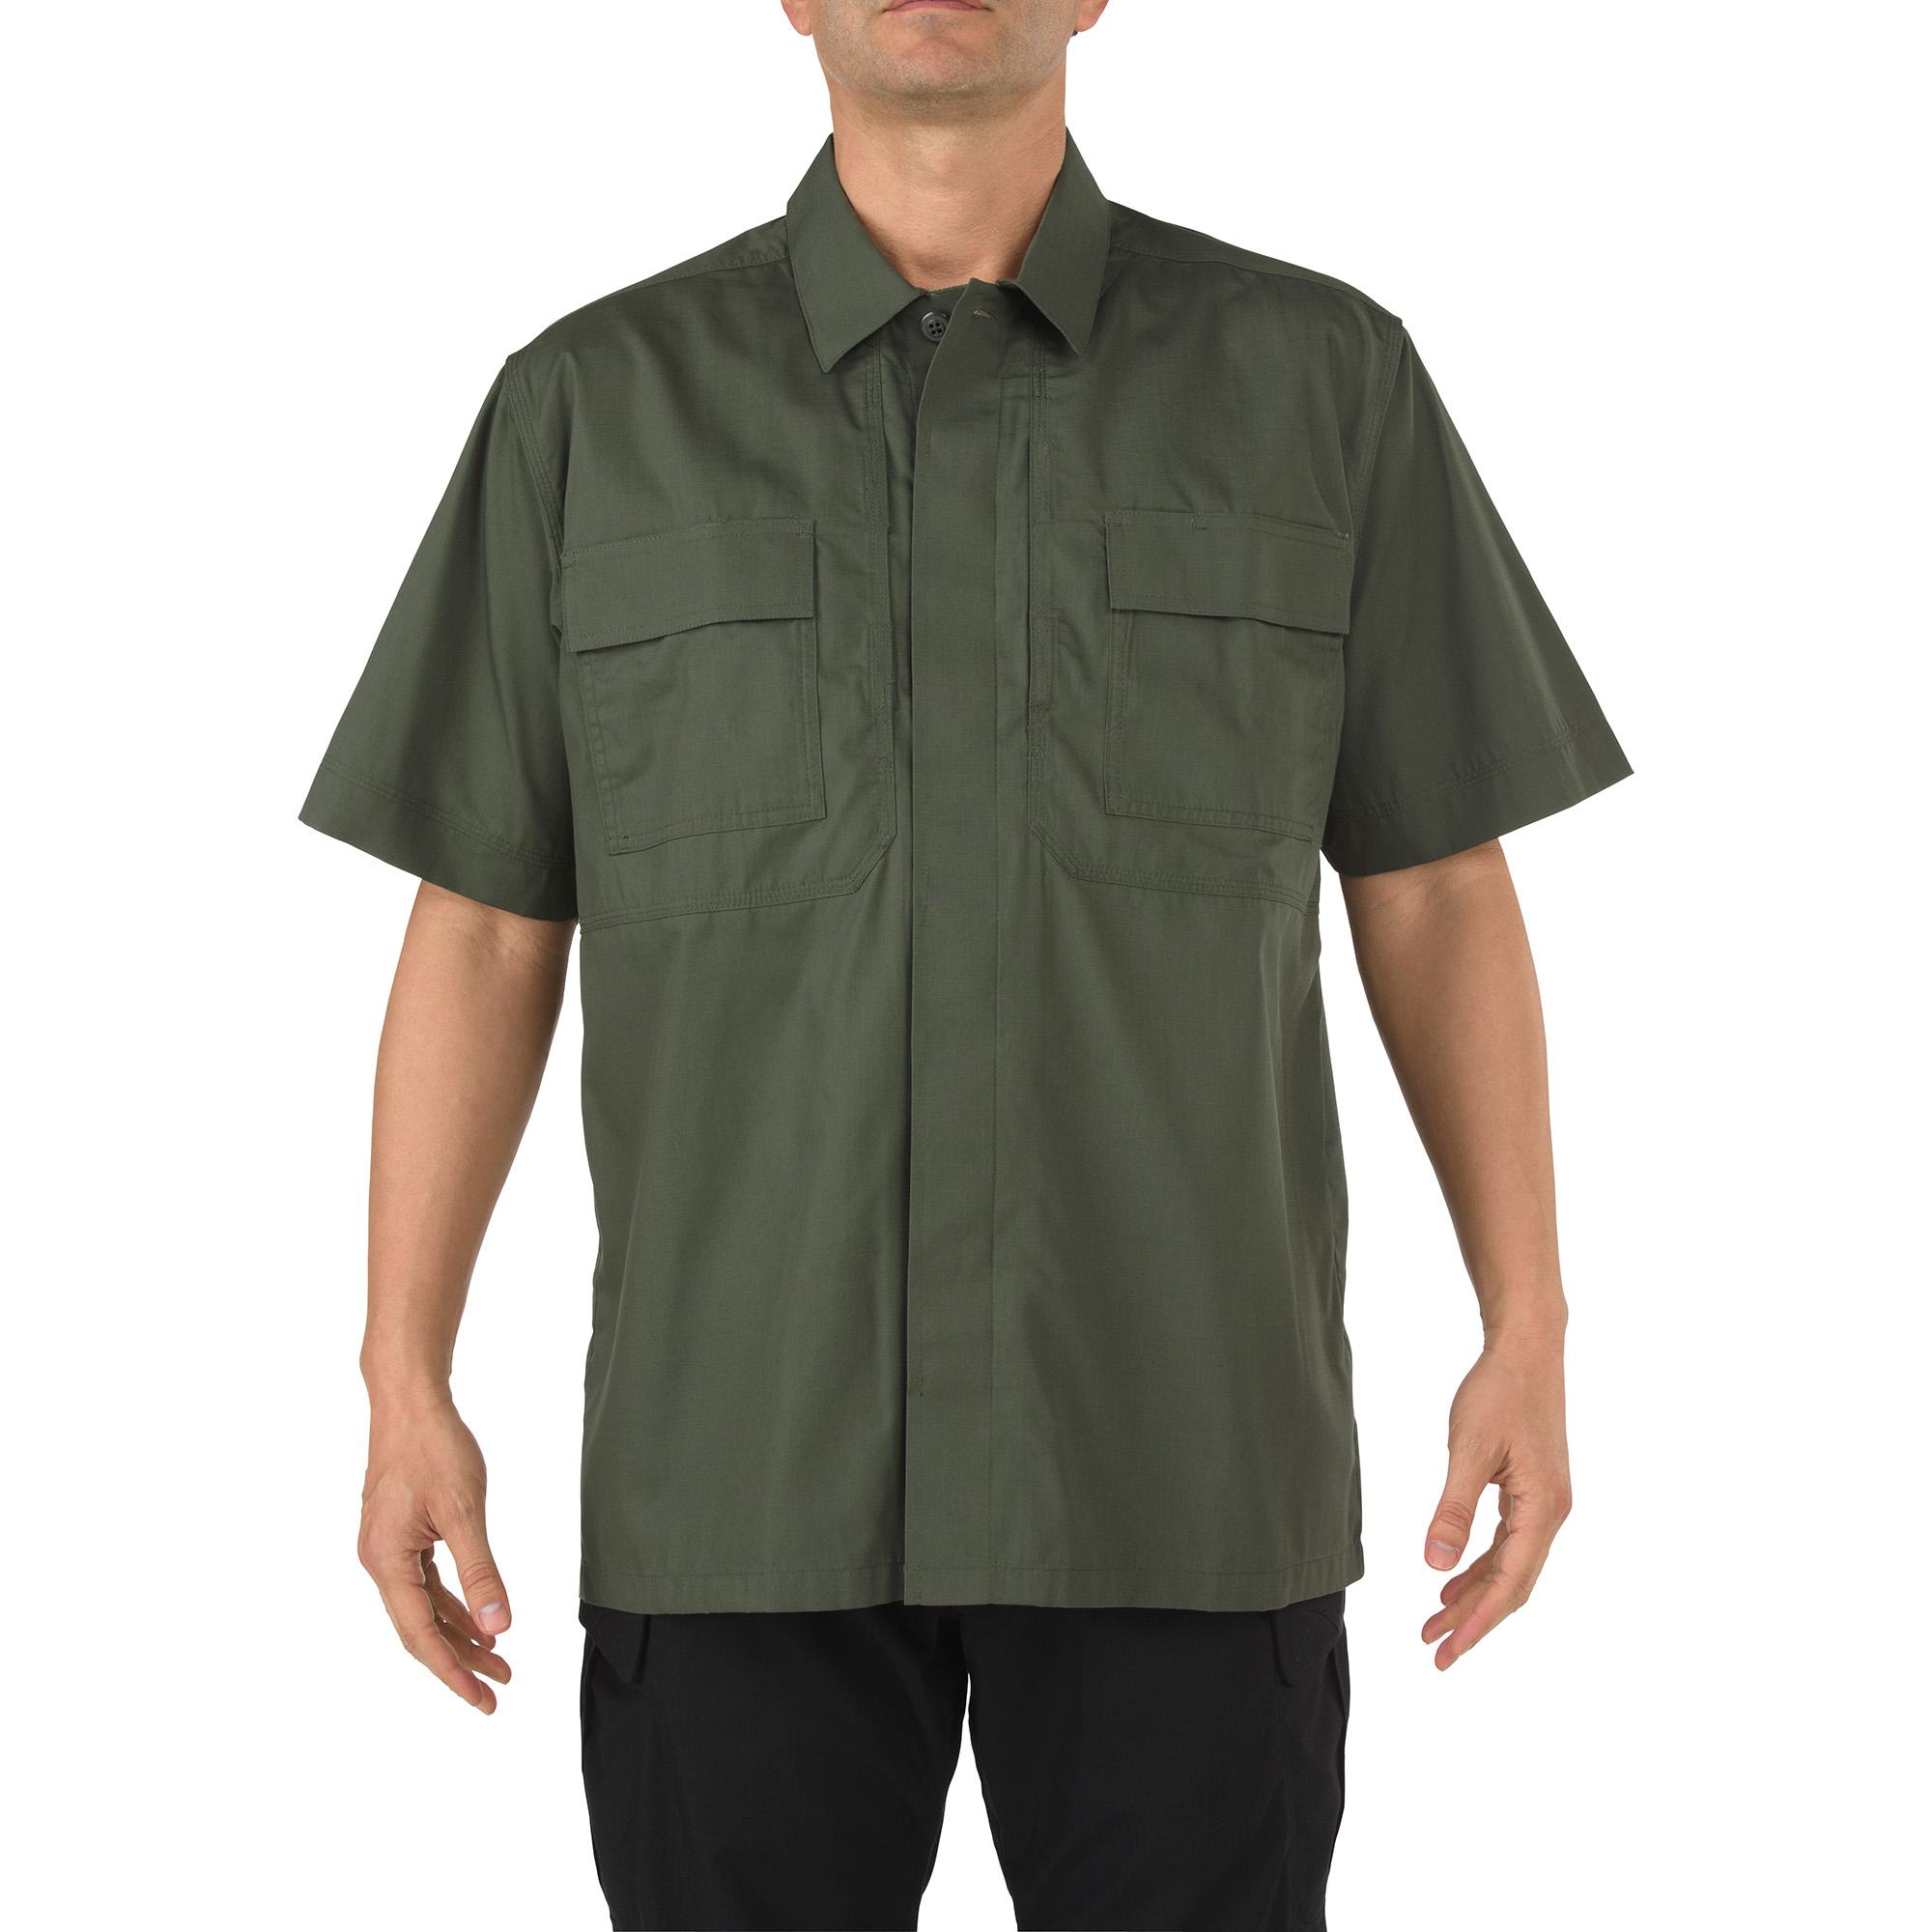 Taclite Short Sleeve TDU Shirt